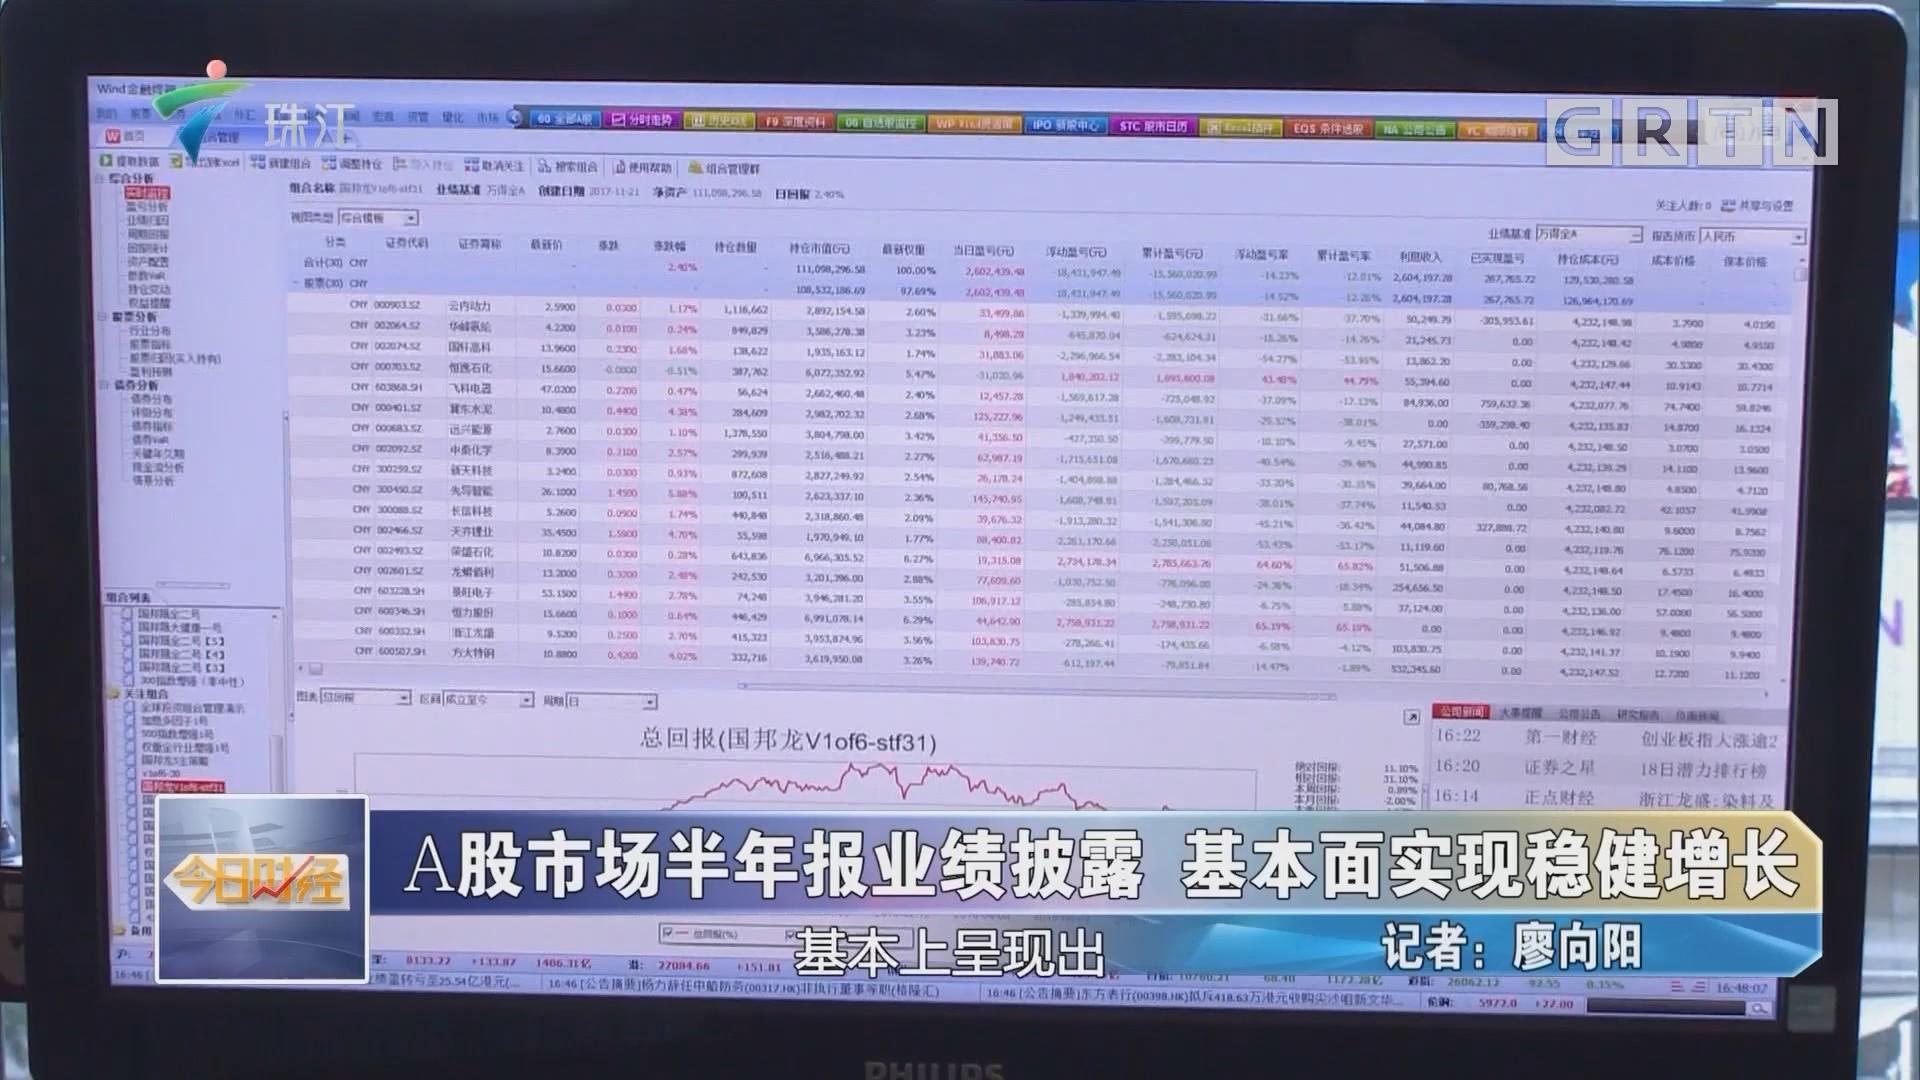 A股市场半年报业绩披露 基本面实现稳健增长